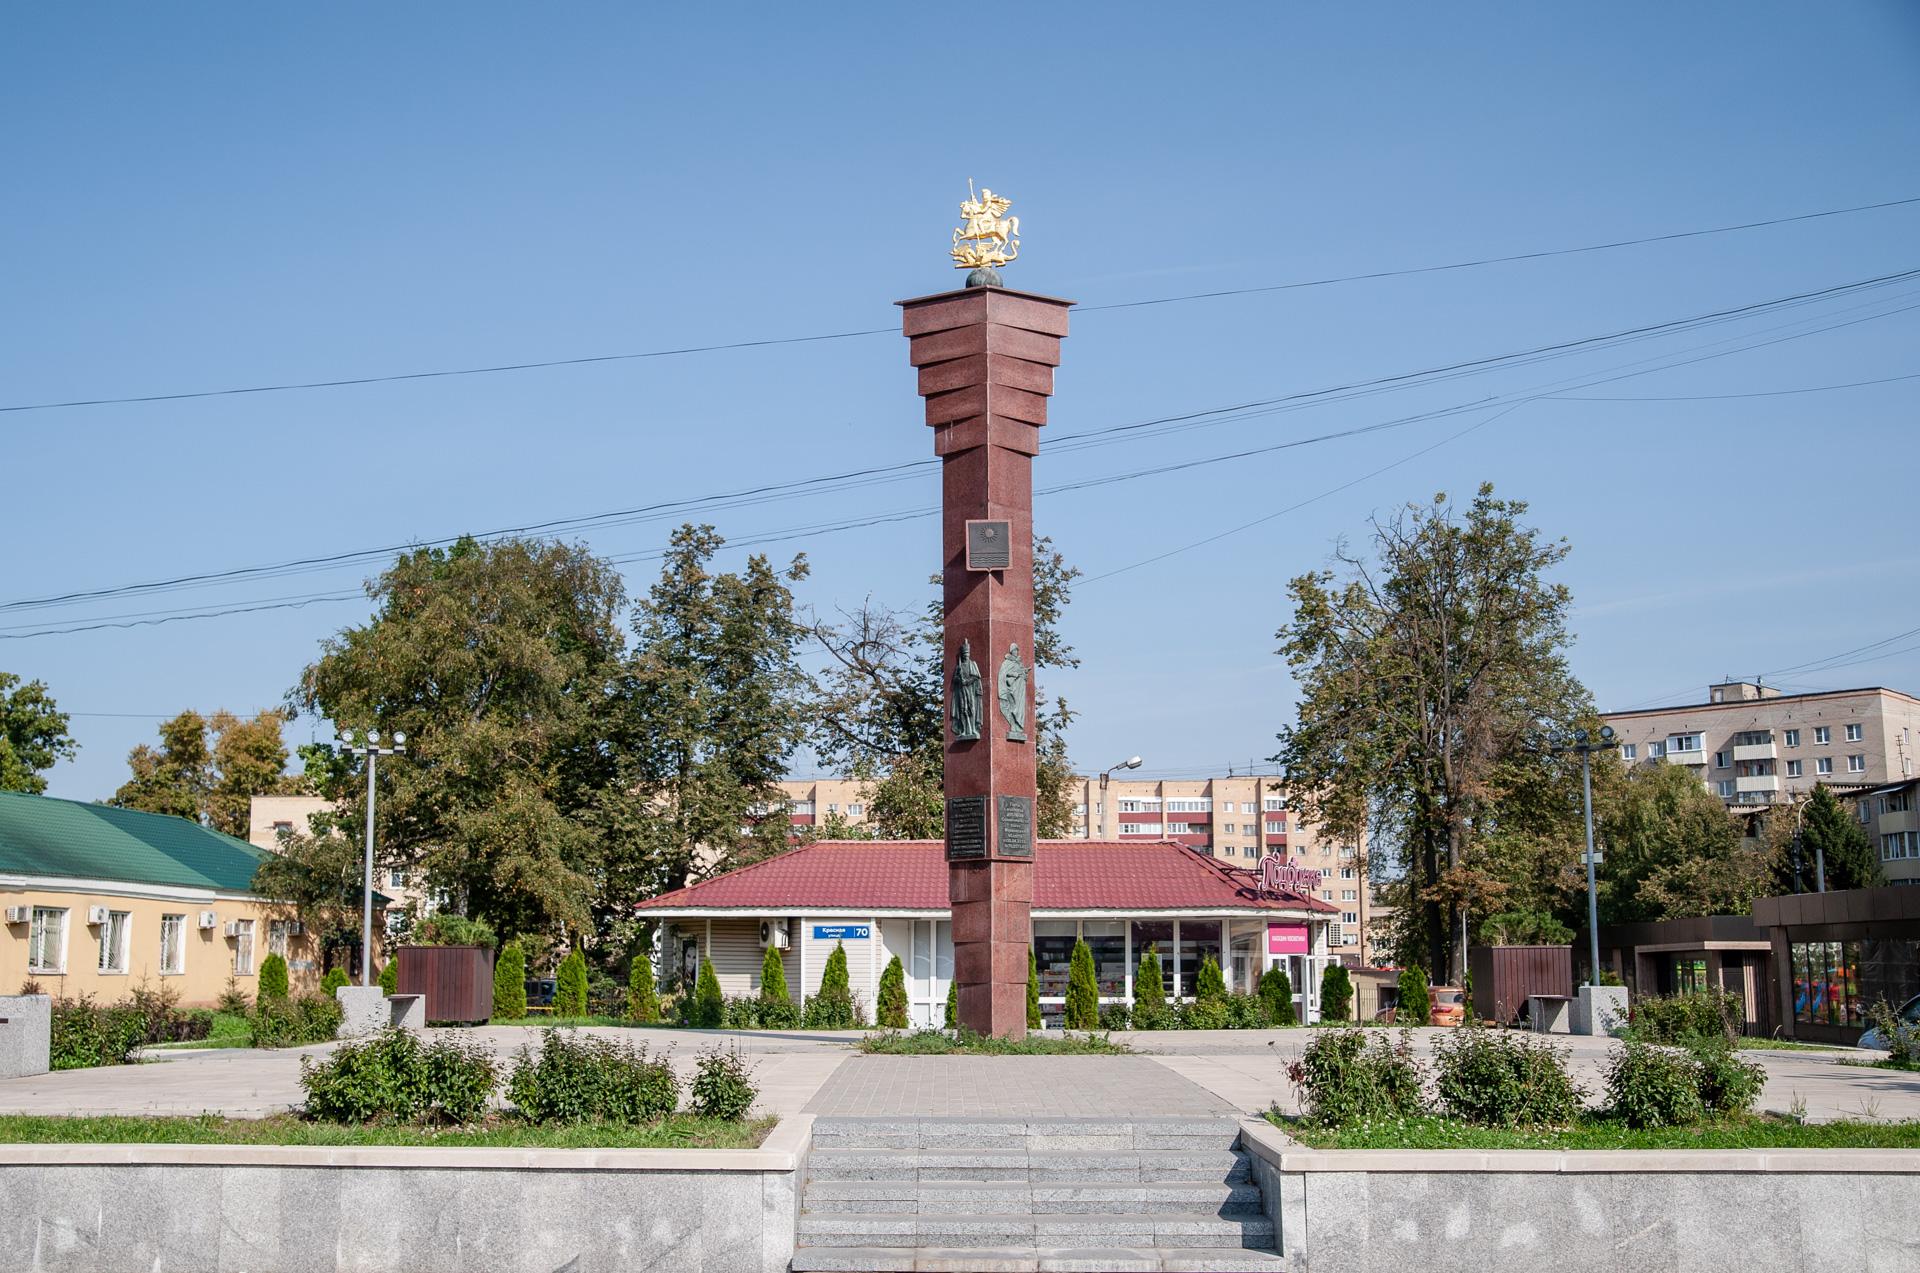 Стелла Город воинской доблести в Солнечногорске